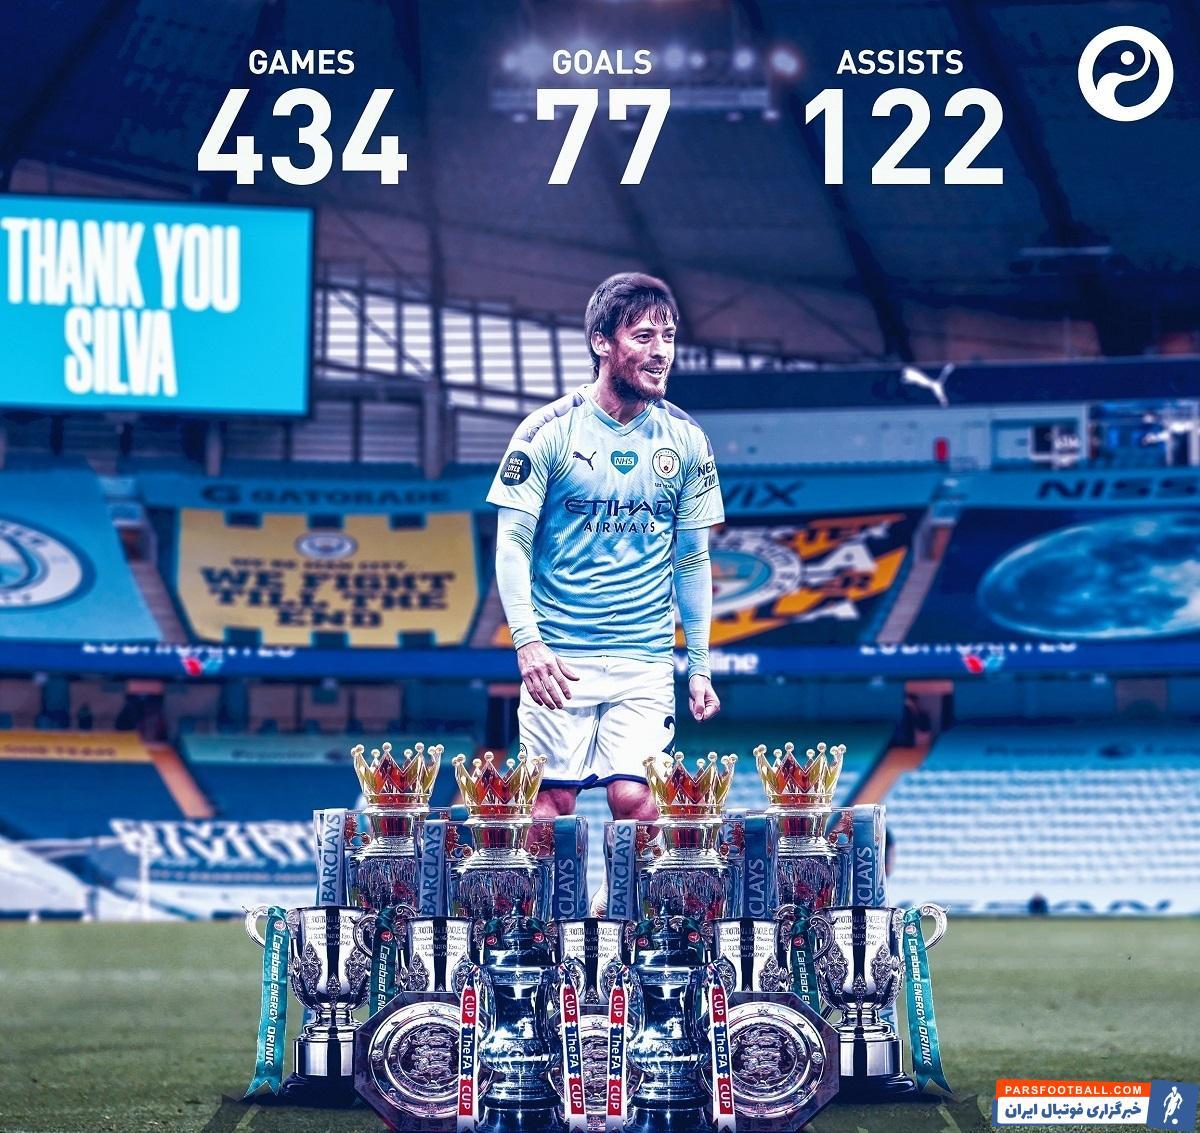 منچسترسیتی در آخرین بازی خود در لیگ برتر برابر نوریچ سیتی به میدان رفت و موفق شد با ۵ گل بازی را ببرد. این دیدار آخرین حضور داوید سیوا در منچسترسیتی بود.